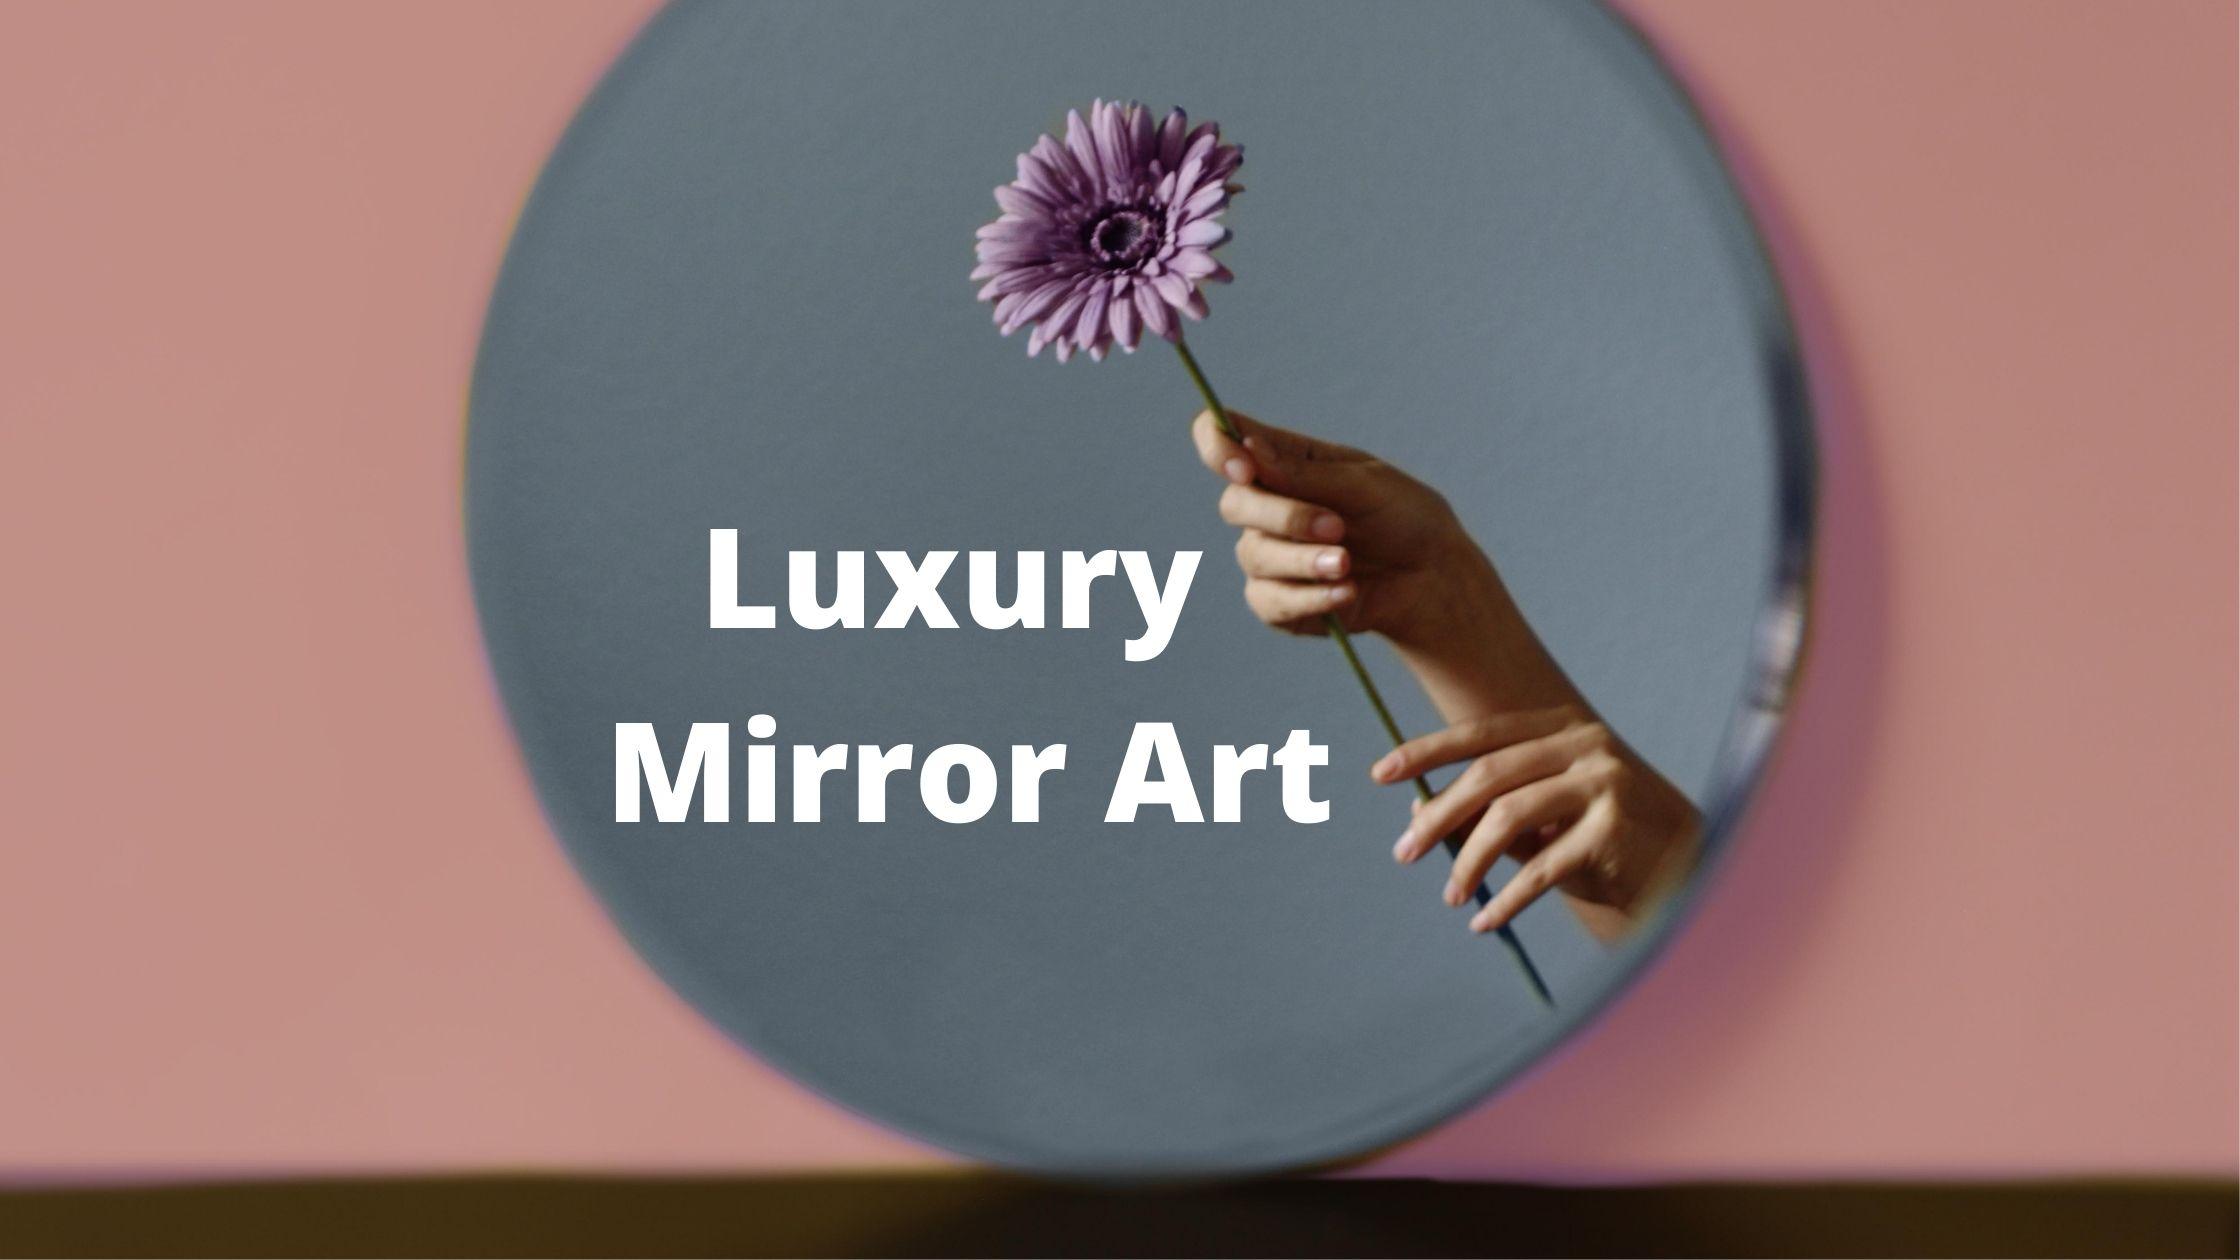 Luxury mirror art